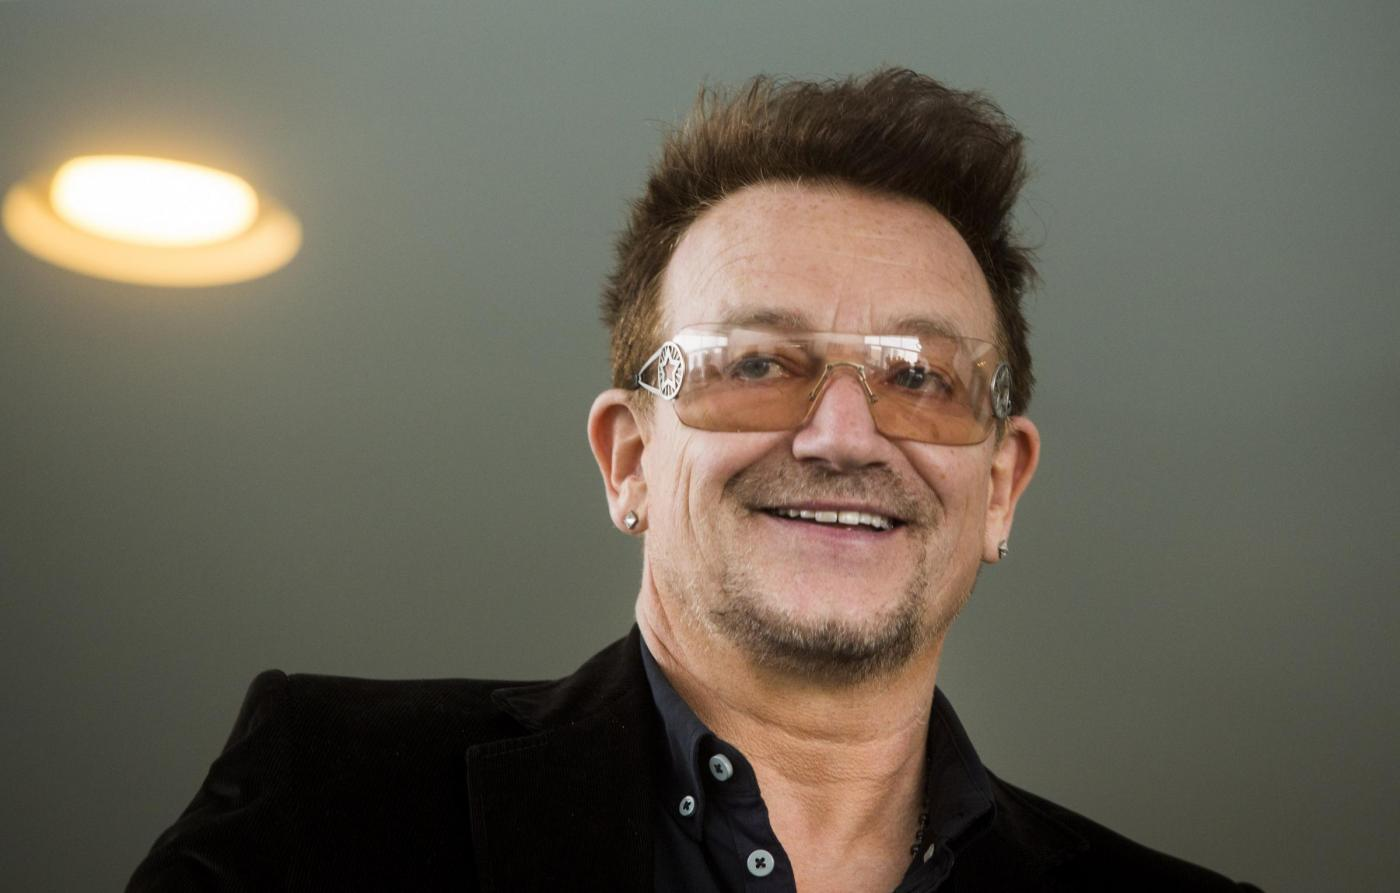 U2, accusa di plagio dopo 26 anni: la canzone The Fly sarebbe una copia